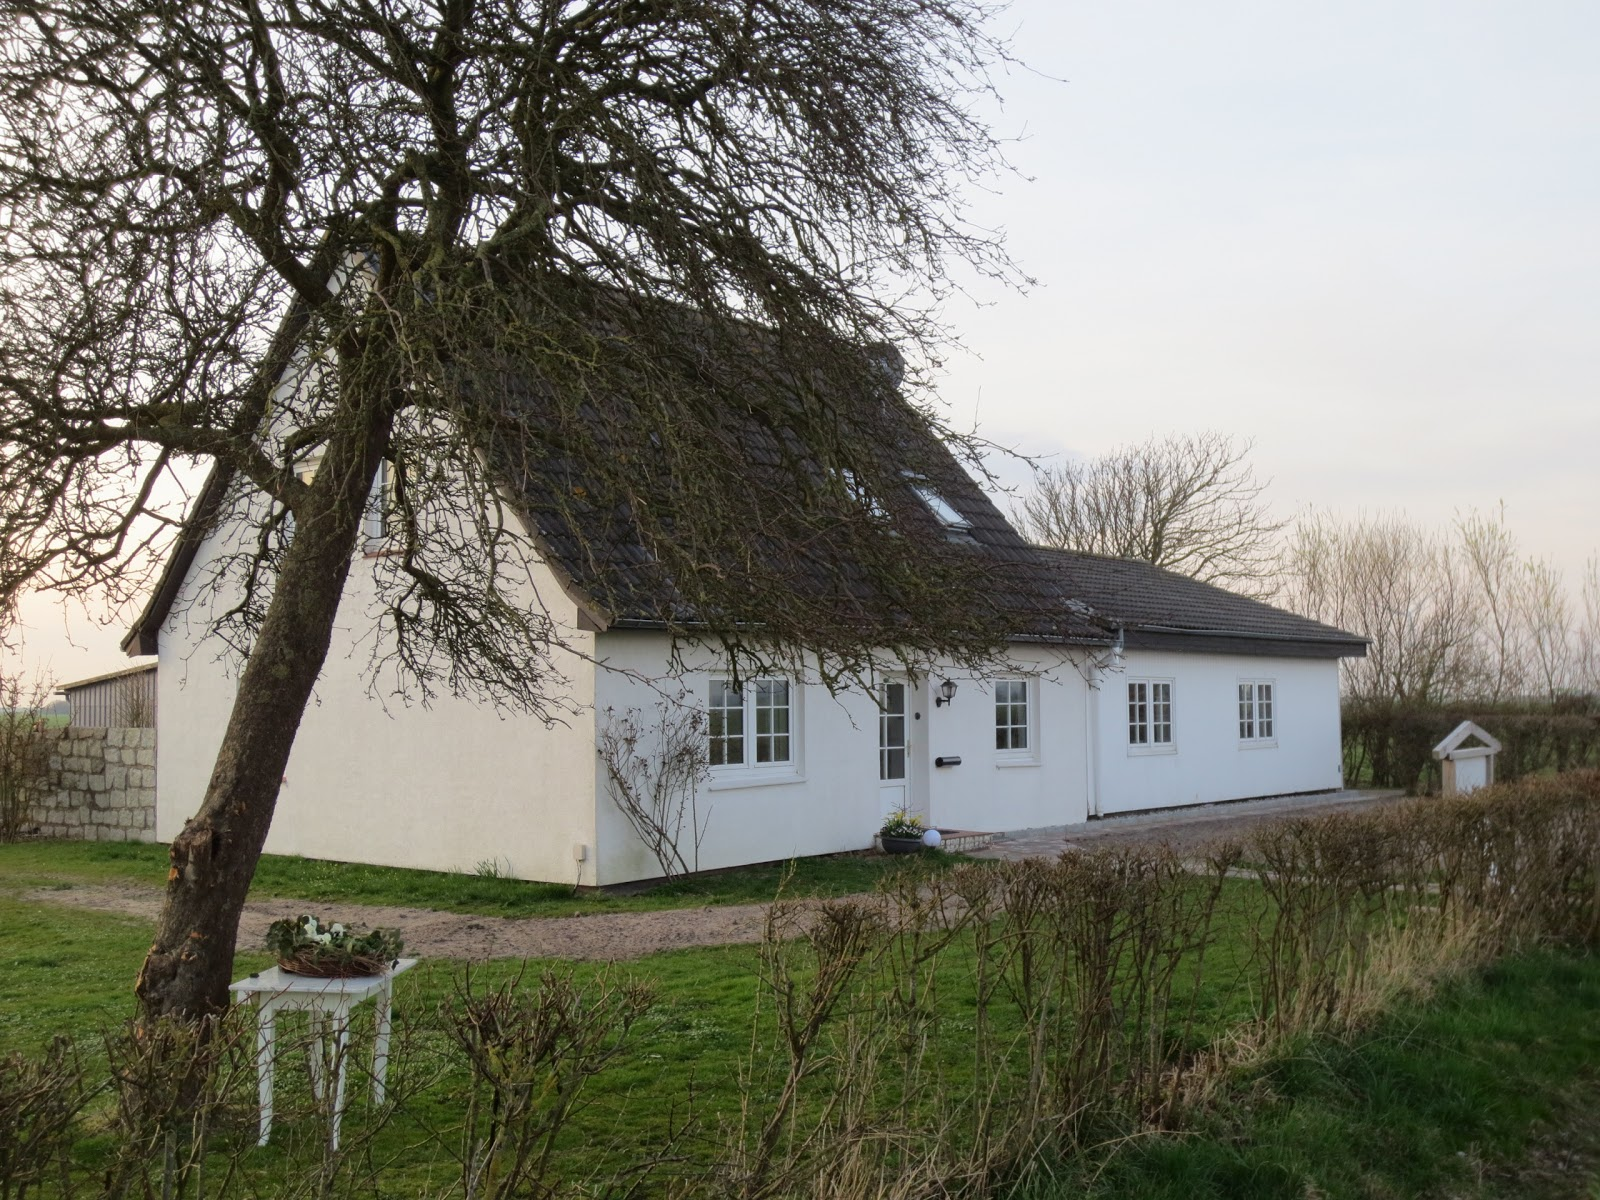 Haus zur Hamburger Hallig Karte - Pellworm, Deutschland - Mapcarta